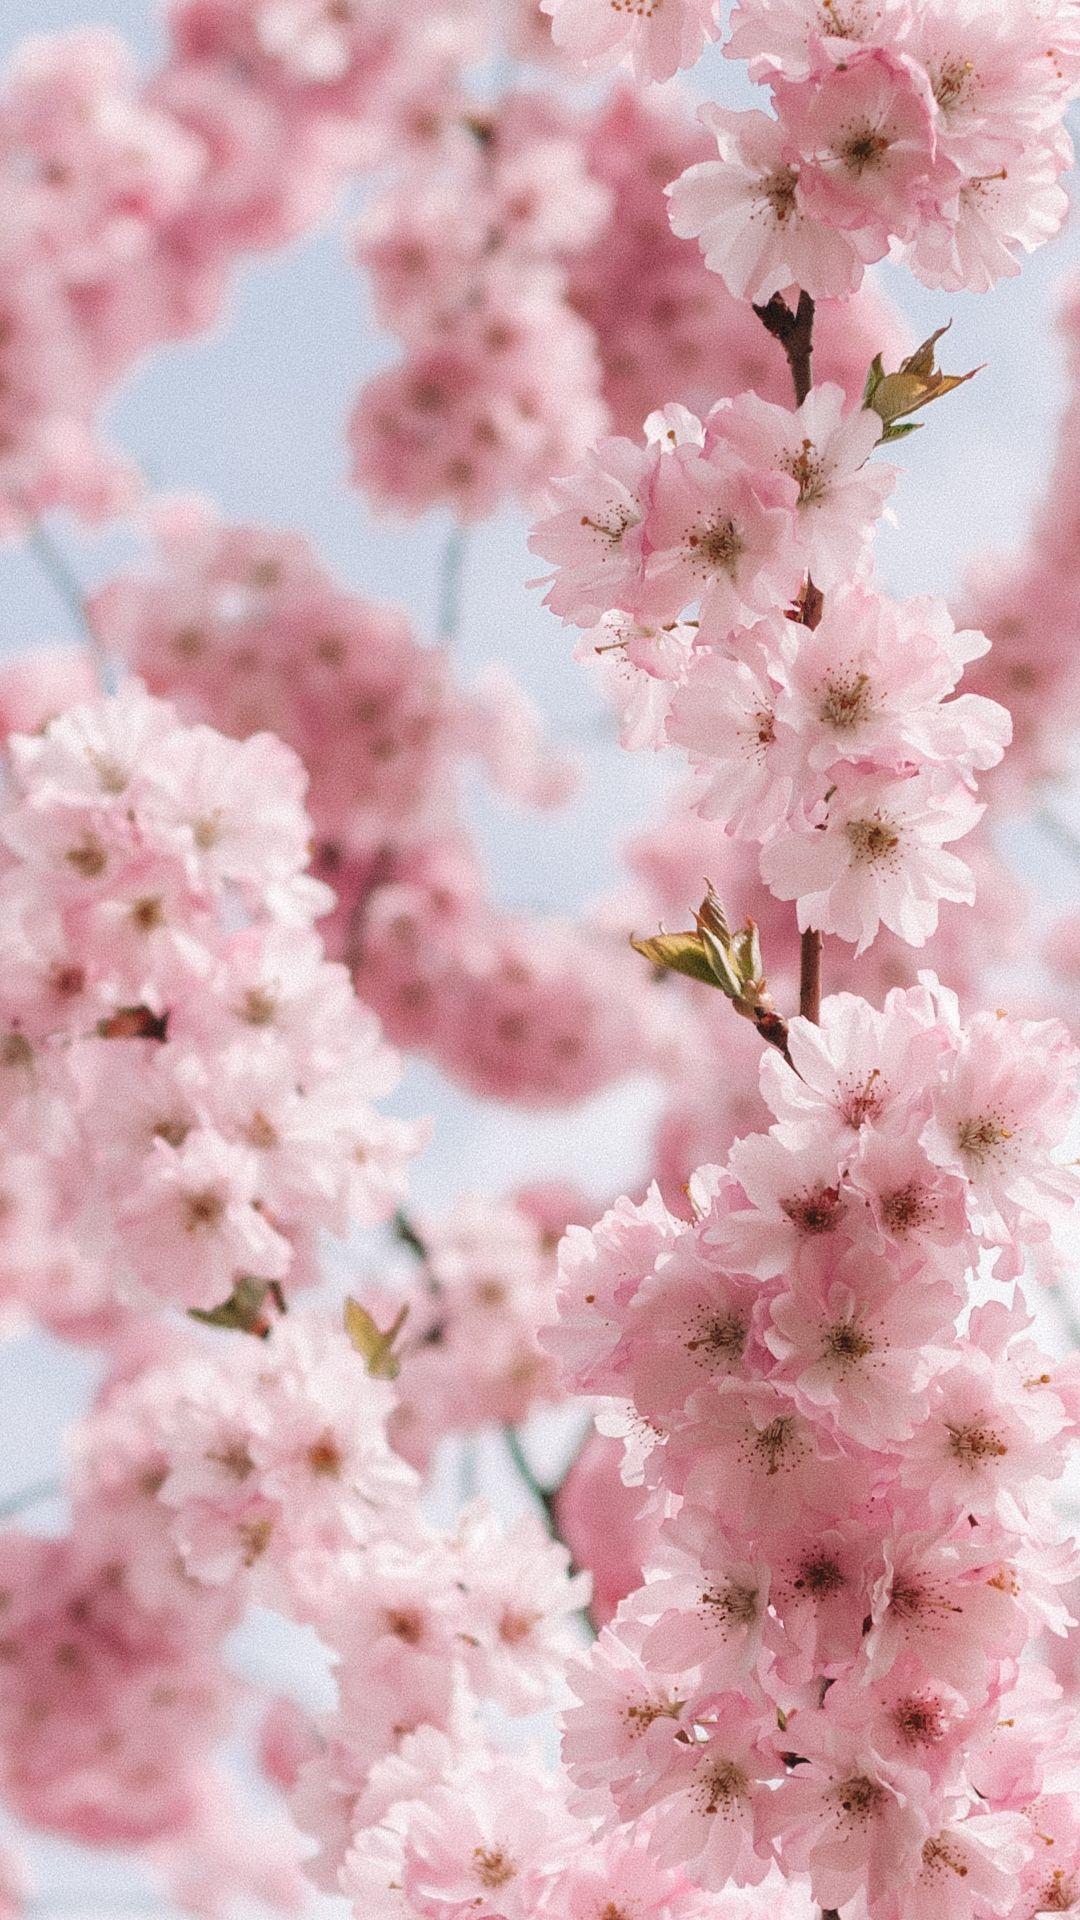 Anime Aesthetic Wallpaper Cherry Blossom Animefan Animelove Animeworld Cherry Blossom Wallpaper Spring Wallpaper Flower Phone Wallpaper